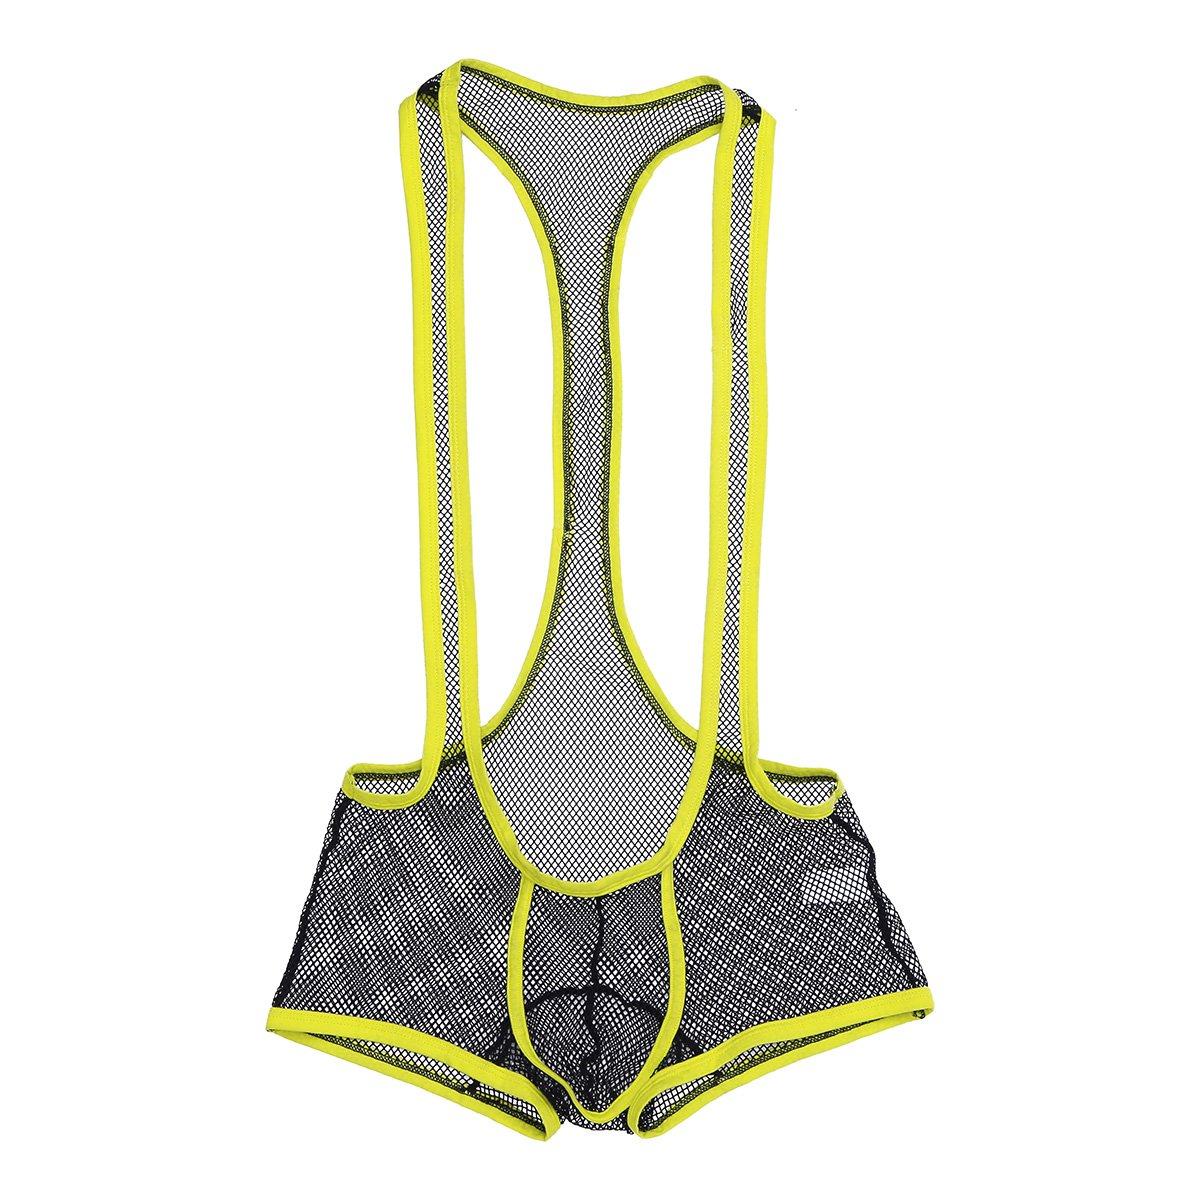 iEFiEL Mens One-Piece Fishnet Mesh See-Through Wrestling Singlet Bodysuit Underwear Black L